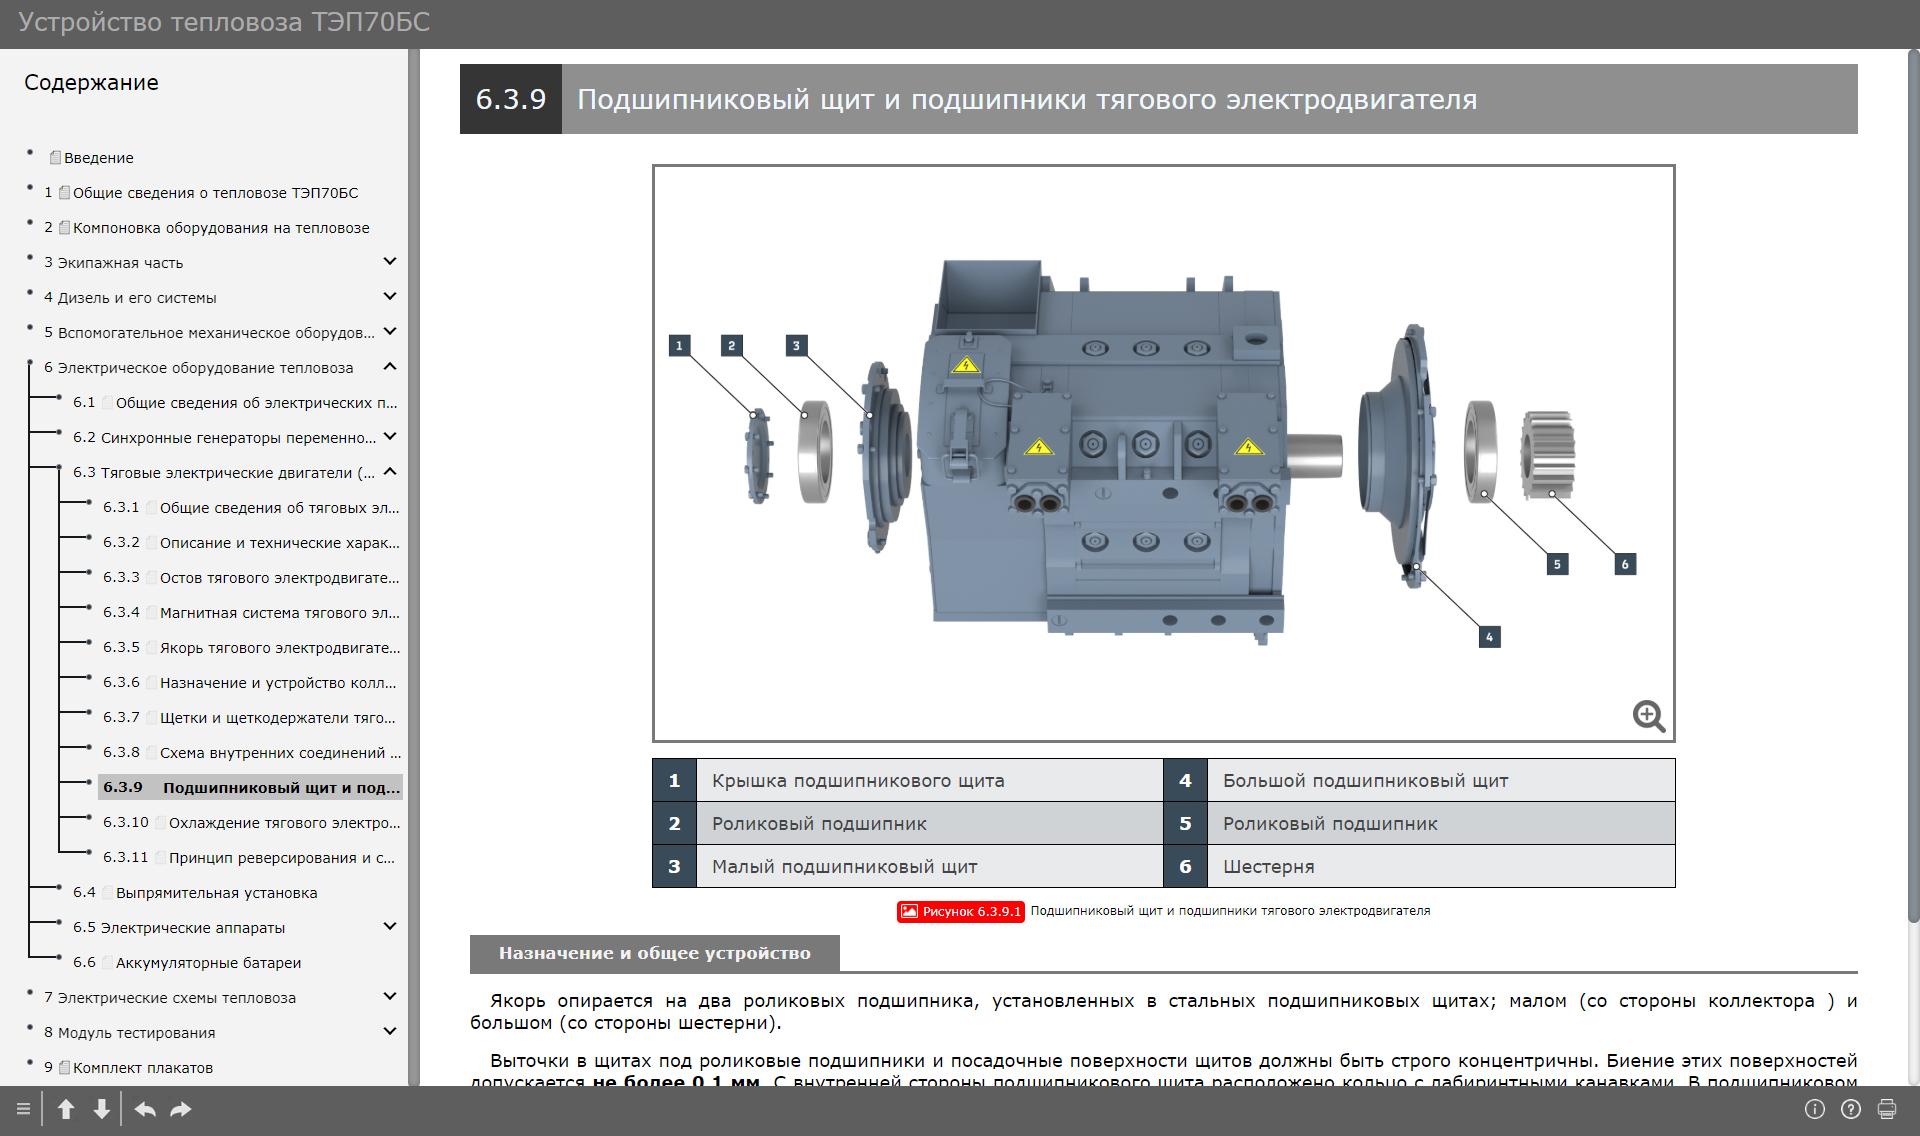 tep70bs 014 Электронный учебный комплекс «Устройство тепловоза ТЭП70БС»